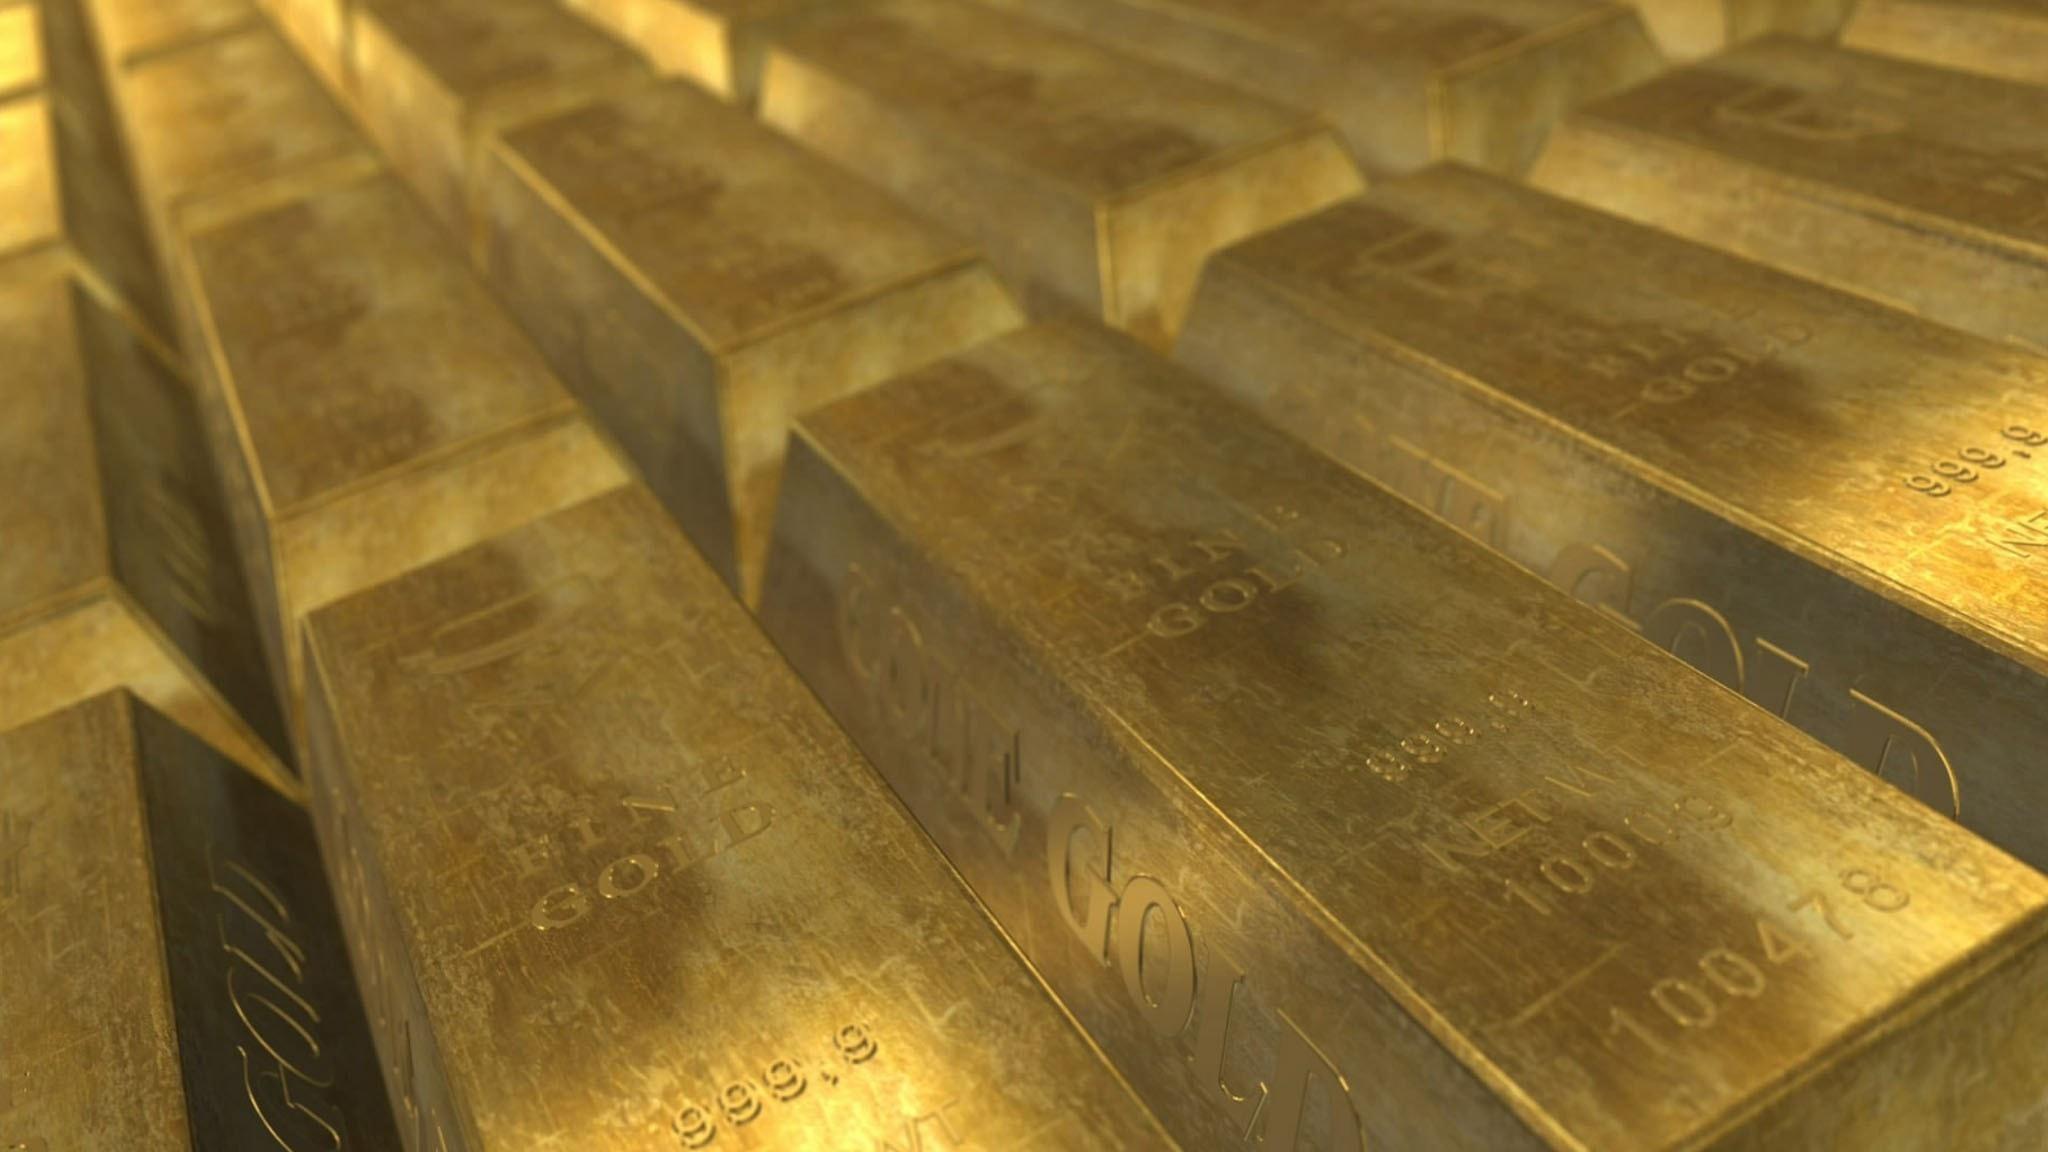 Guldtackor. Programmet handlar om metaller i språket som Ge järnet.